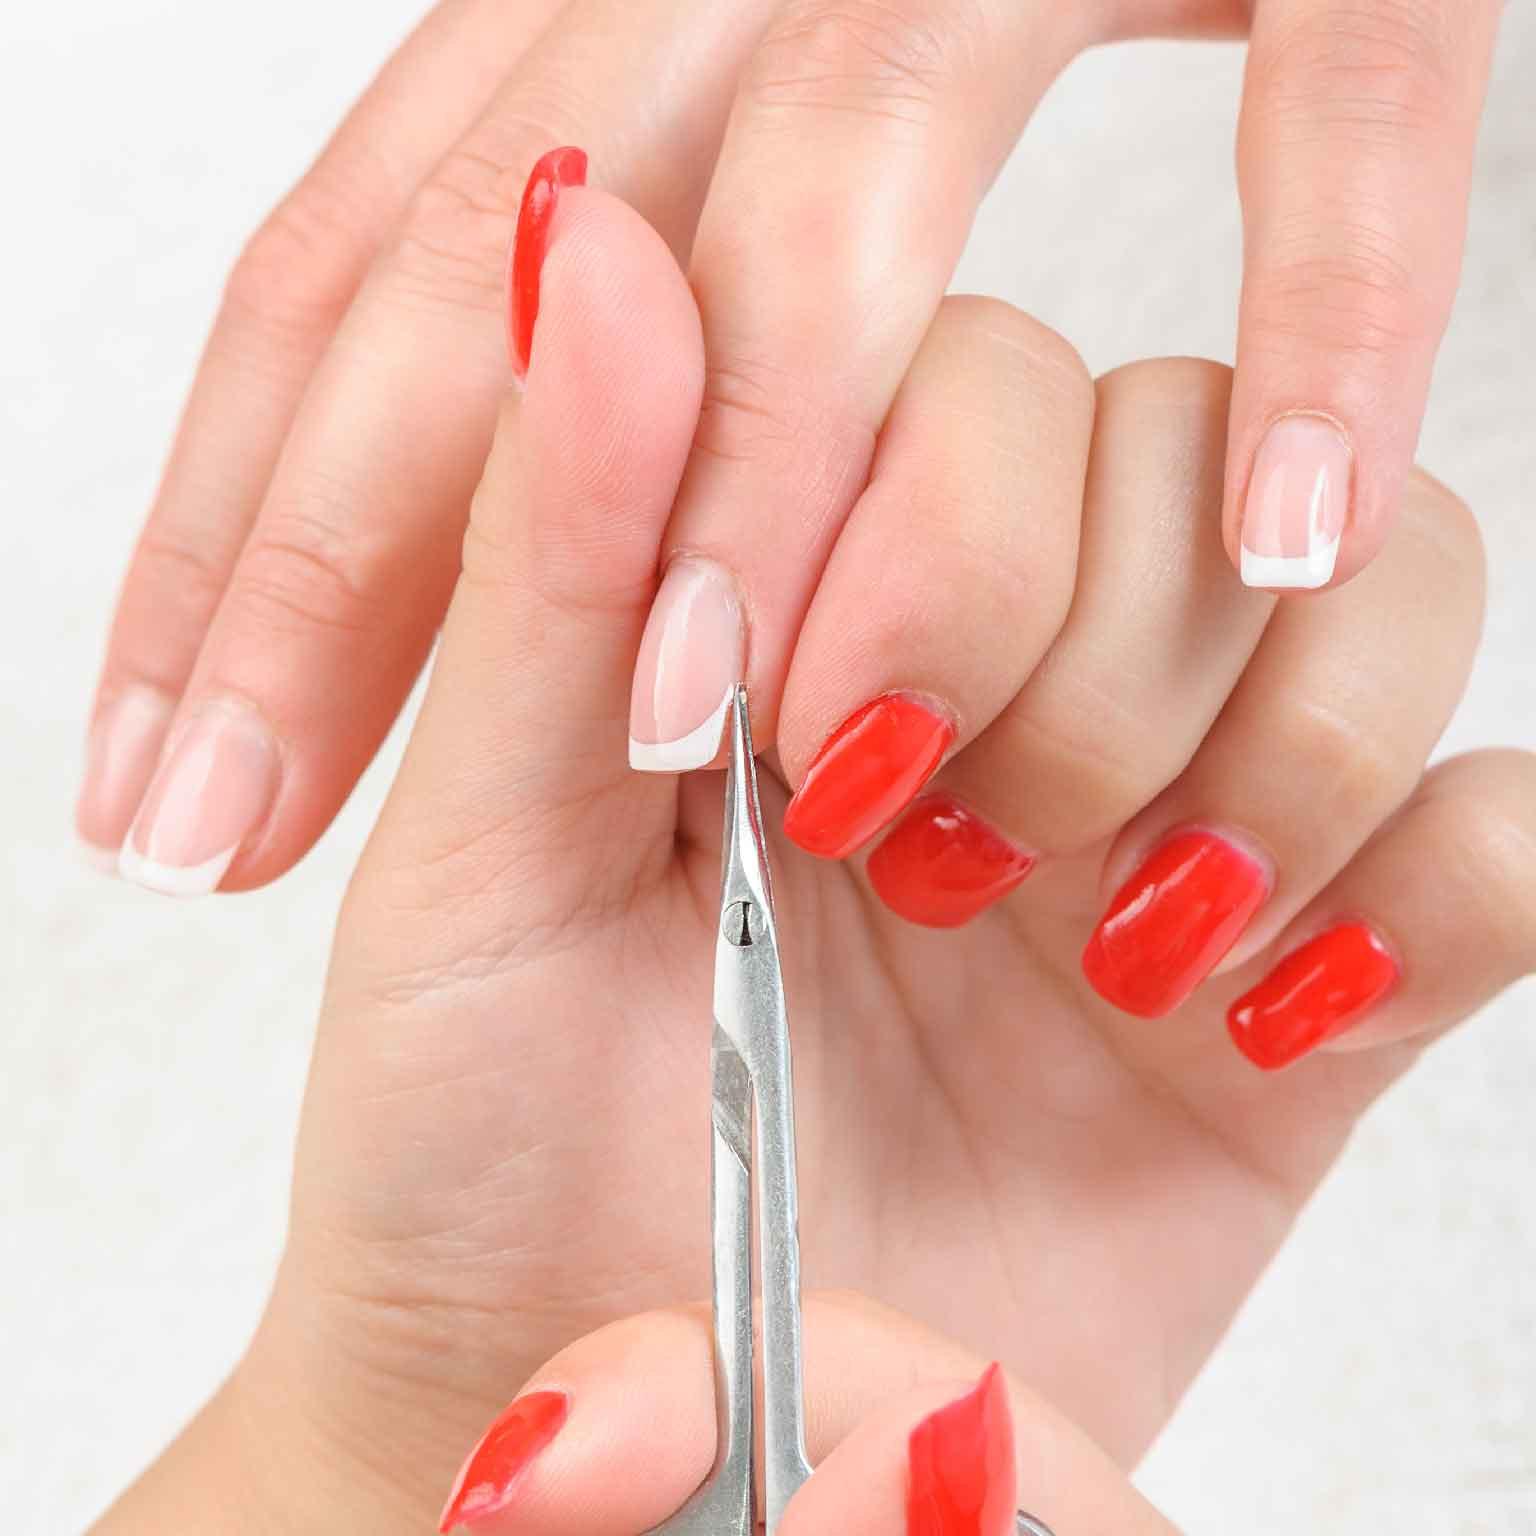 Cuticle Trim Hands